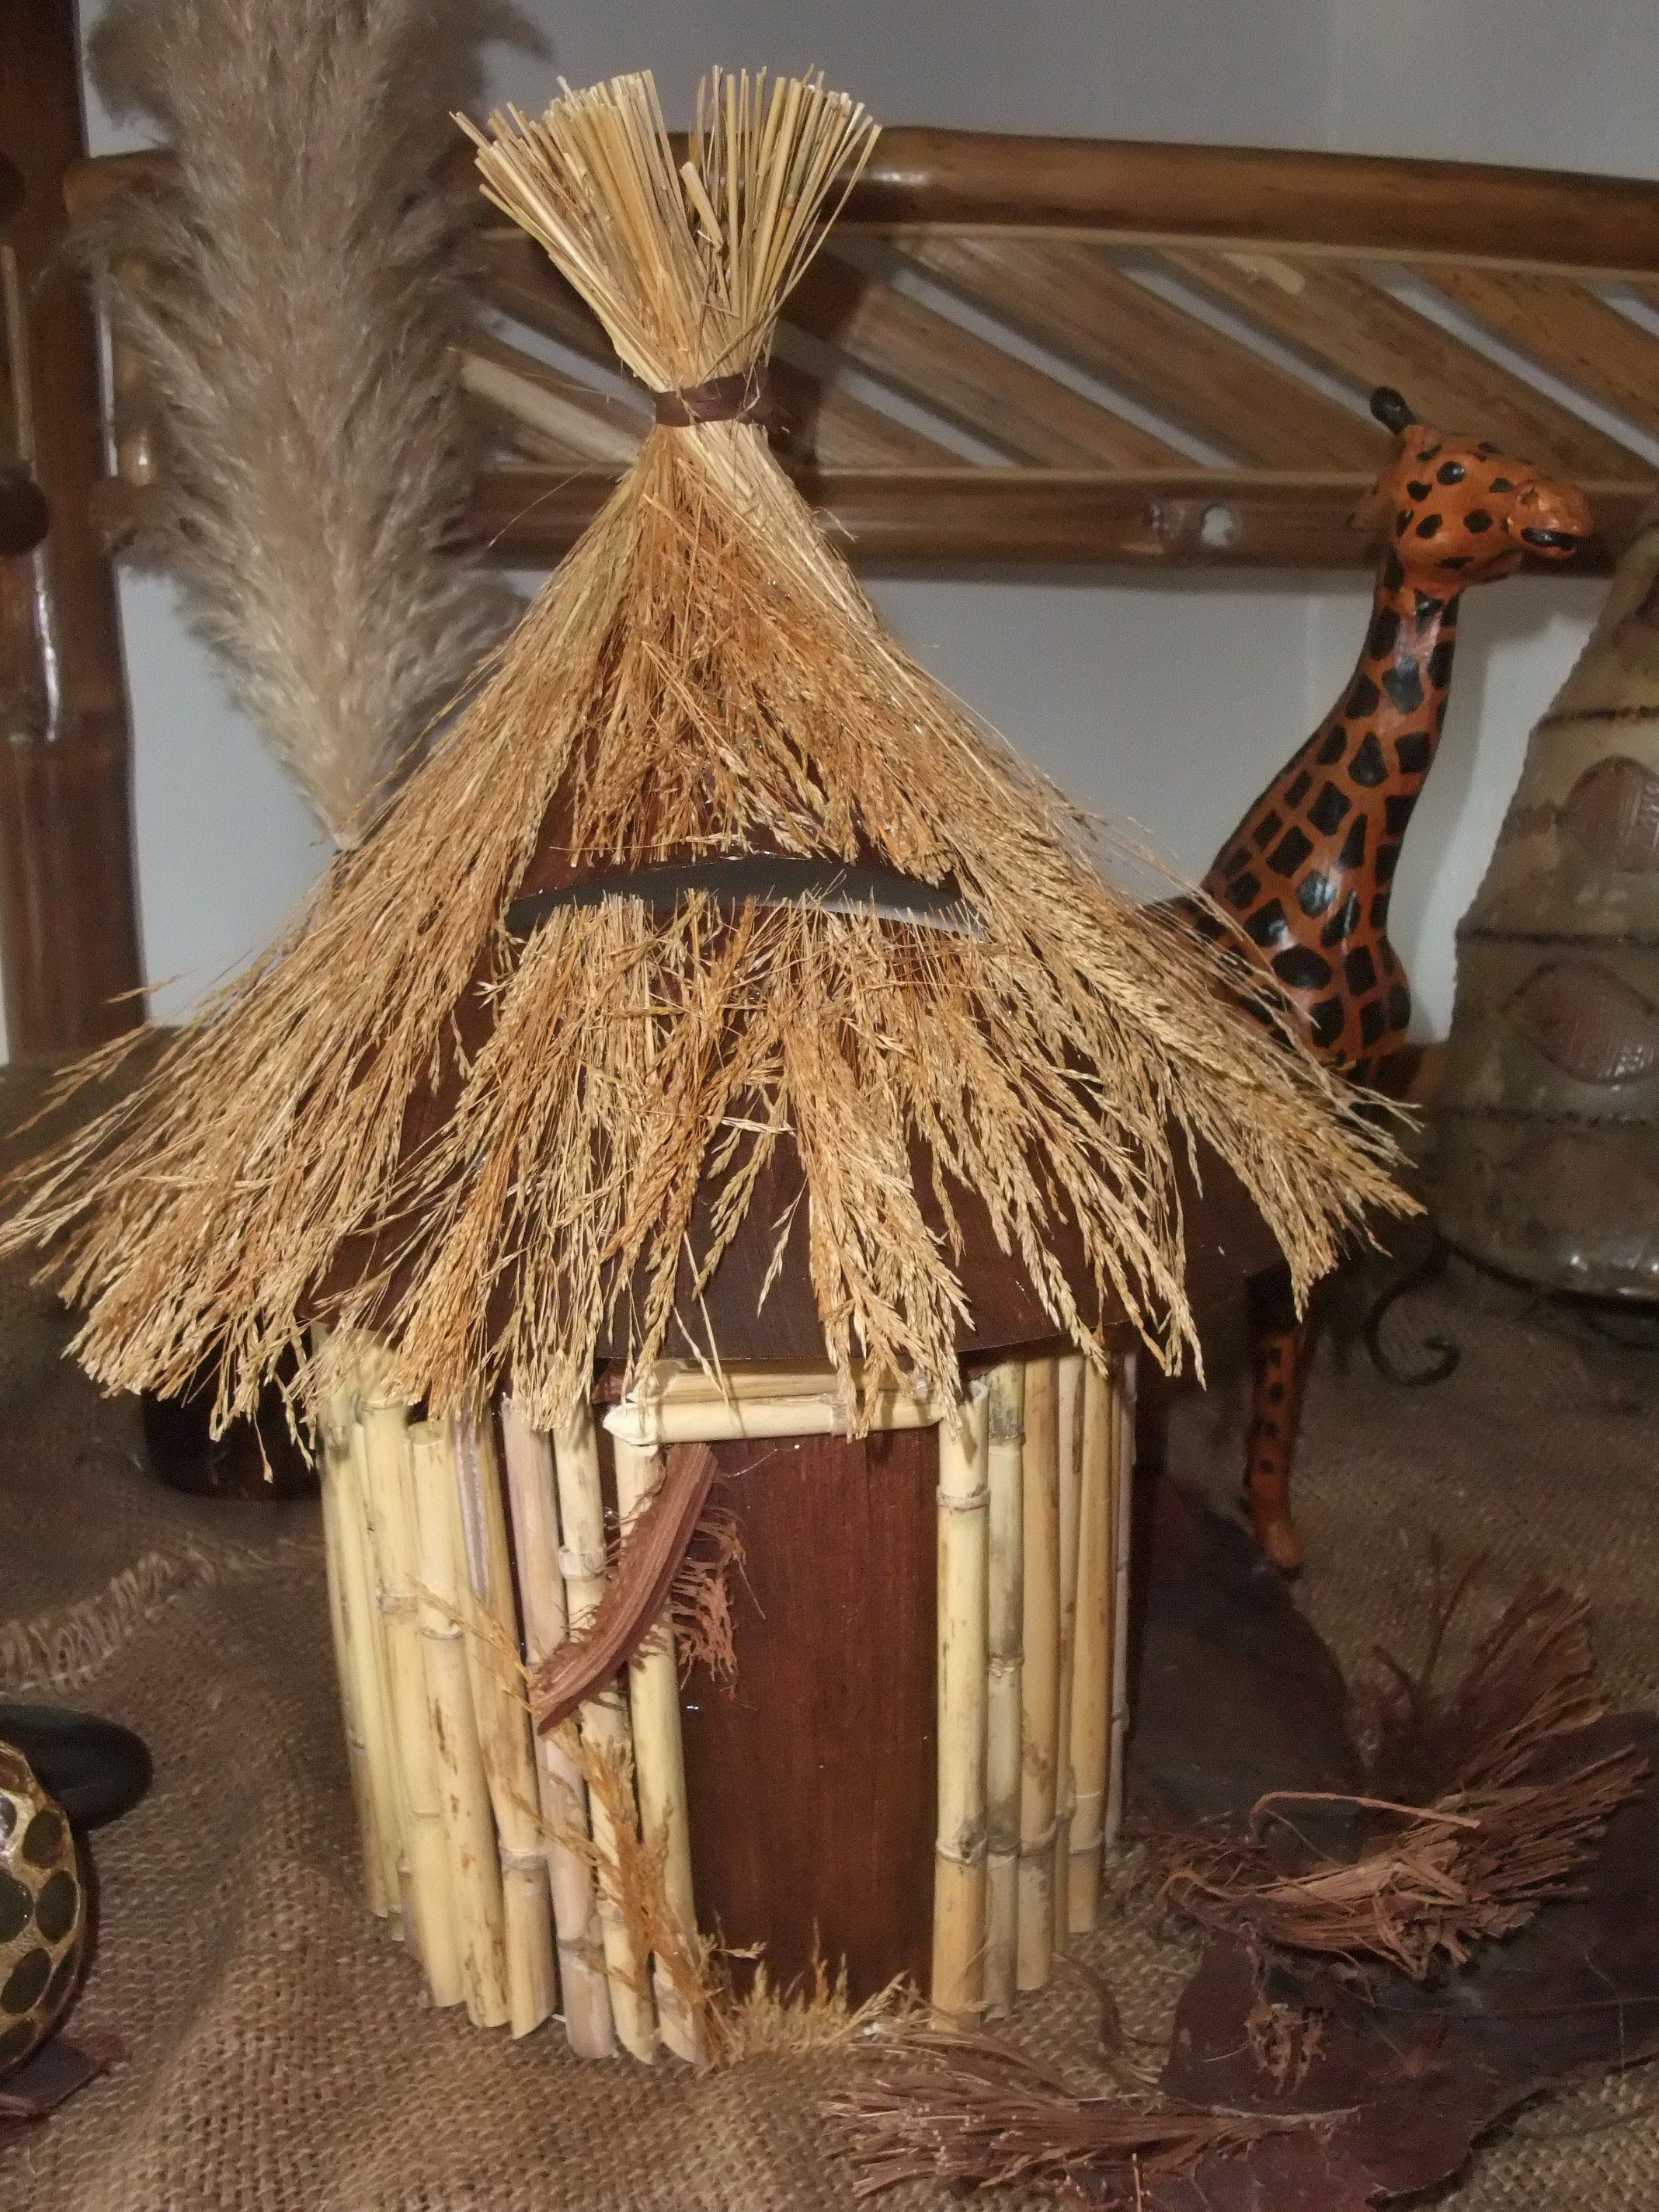 tirelire urne th me afrique livre d 39 or boite enveloppes pinterest urne tirelire. Black Bedroom Furniture Sets. Home Design Ideas